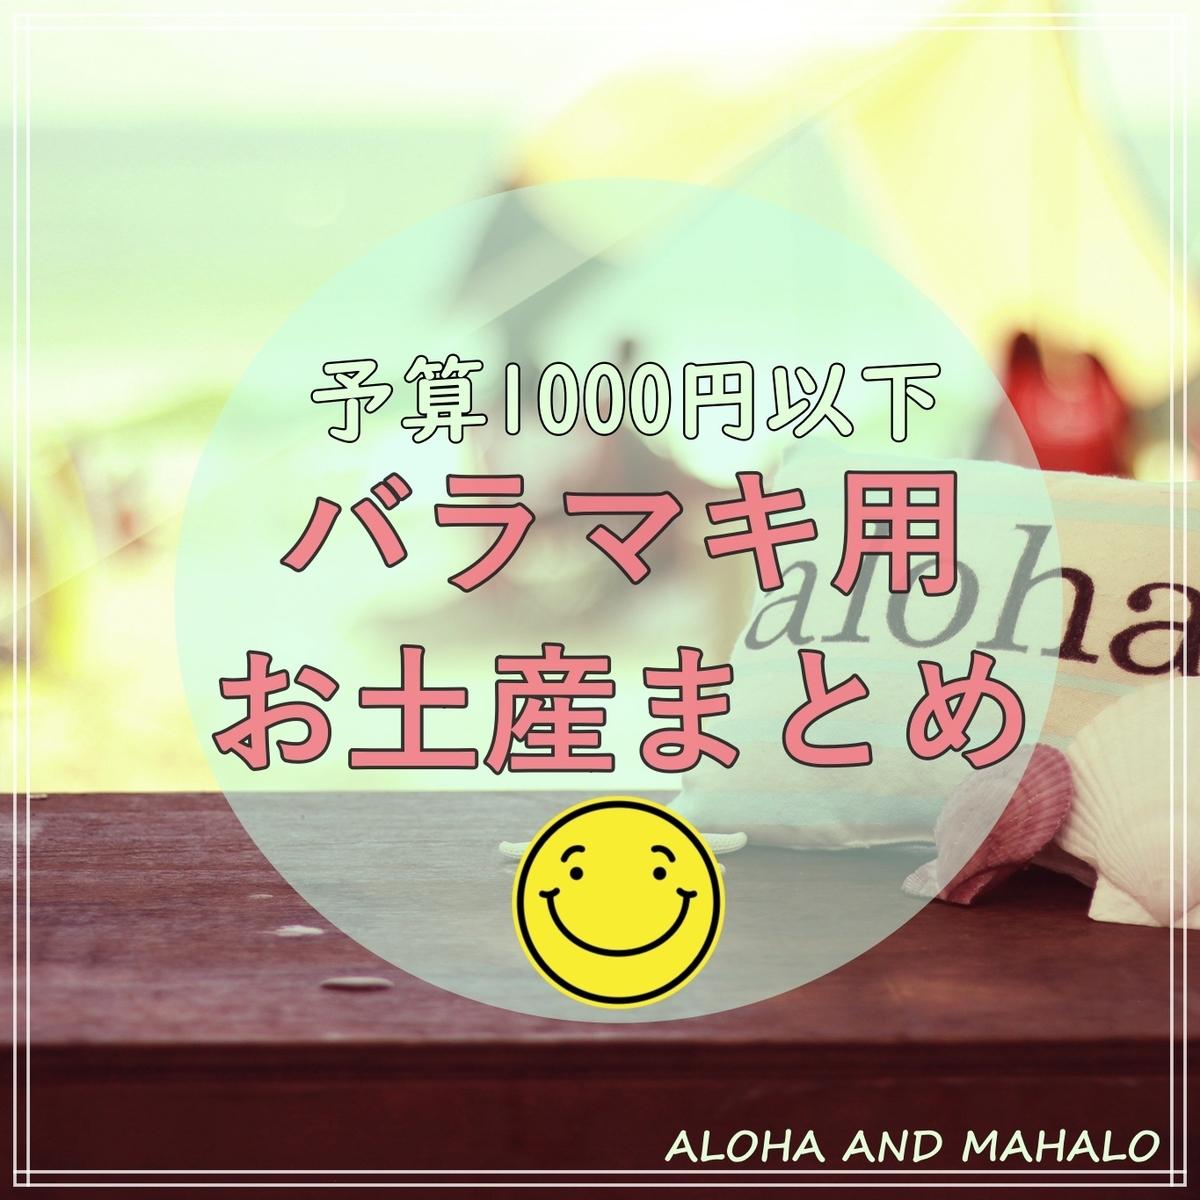 ハワイ お土産 オススメ 1000円以下 10ドル以下 コスパ 可愛い おしゃれ